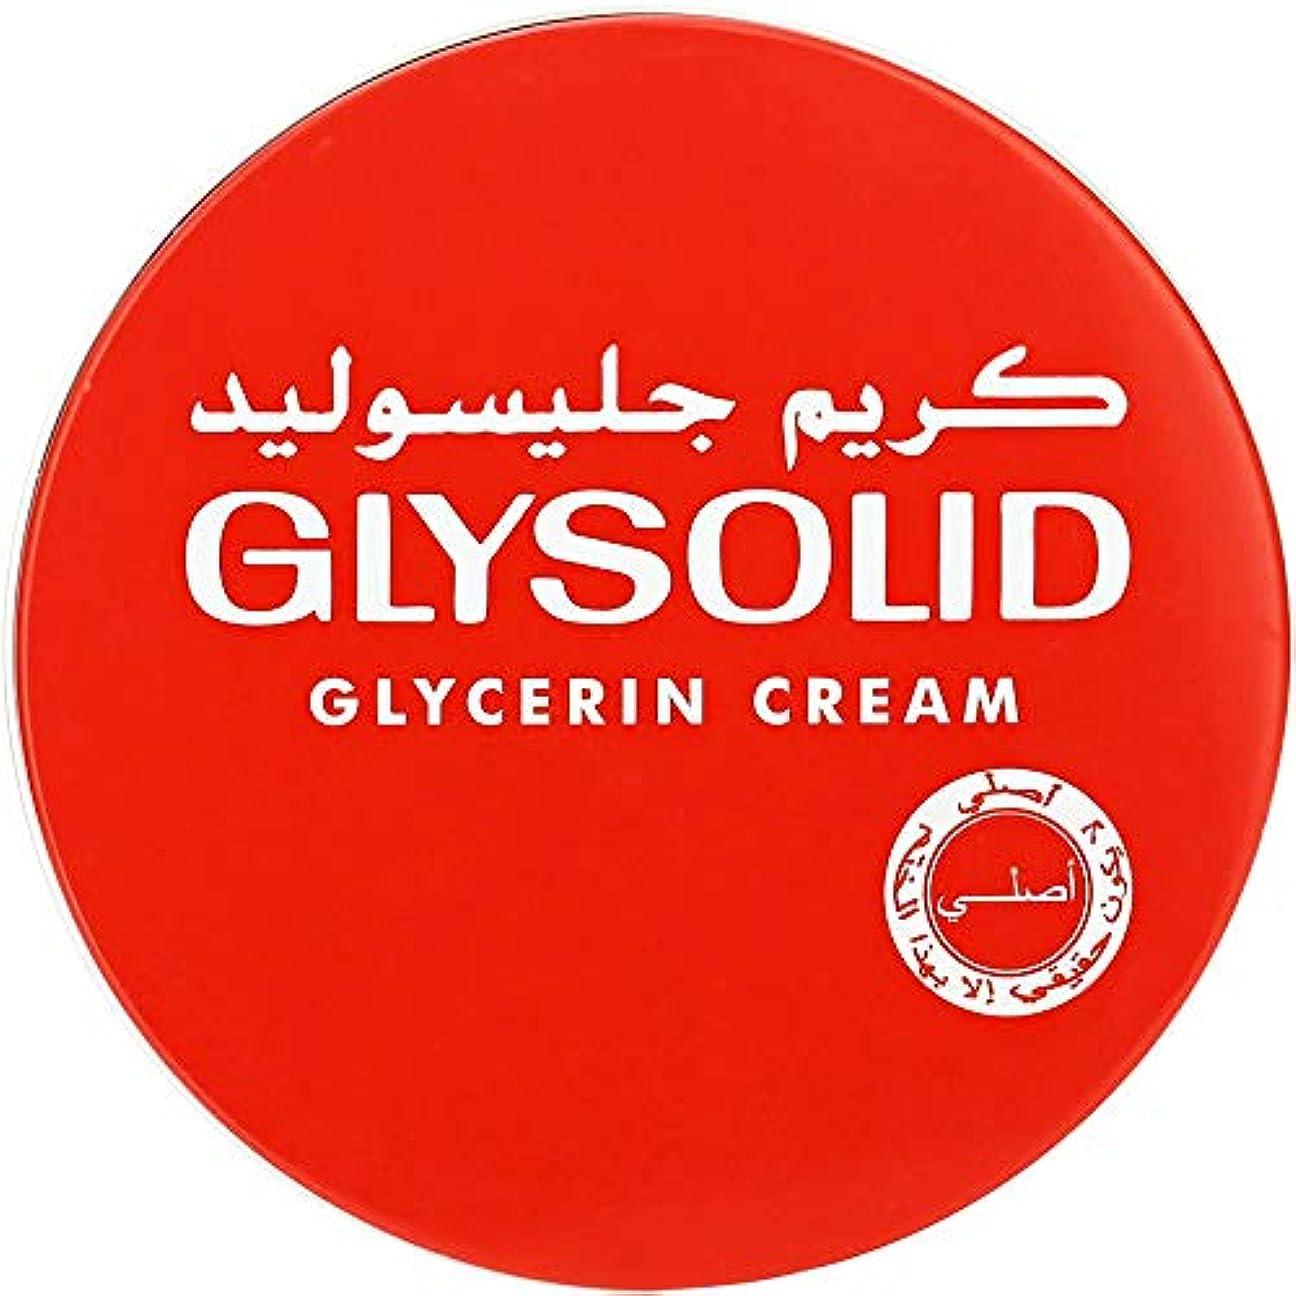 やさしいカンガルー放送Glysolid Cream Face Moisturizers For Dry Skin Hands Feet Elbow Body Softening With Glycerin Keeping Your Skin...